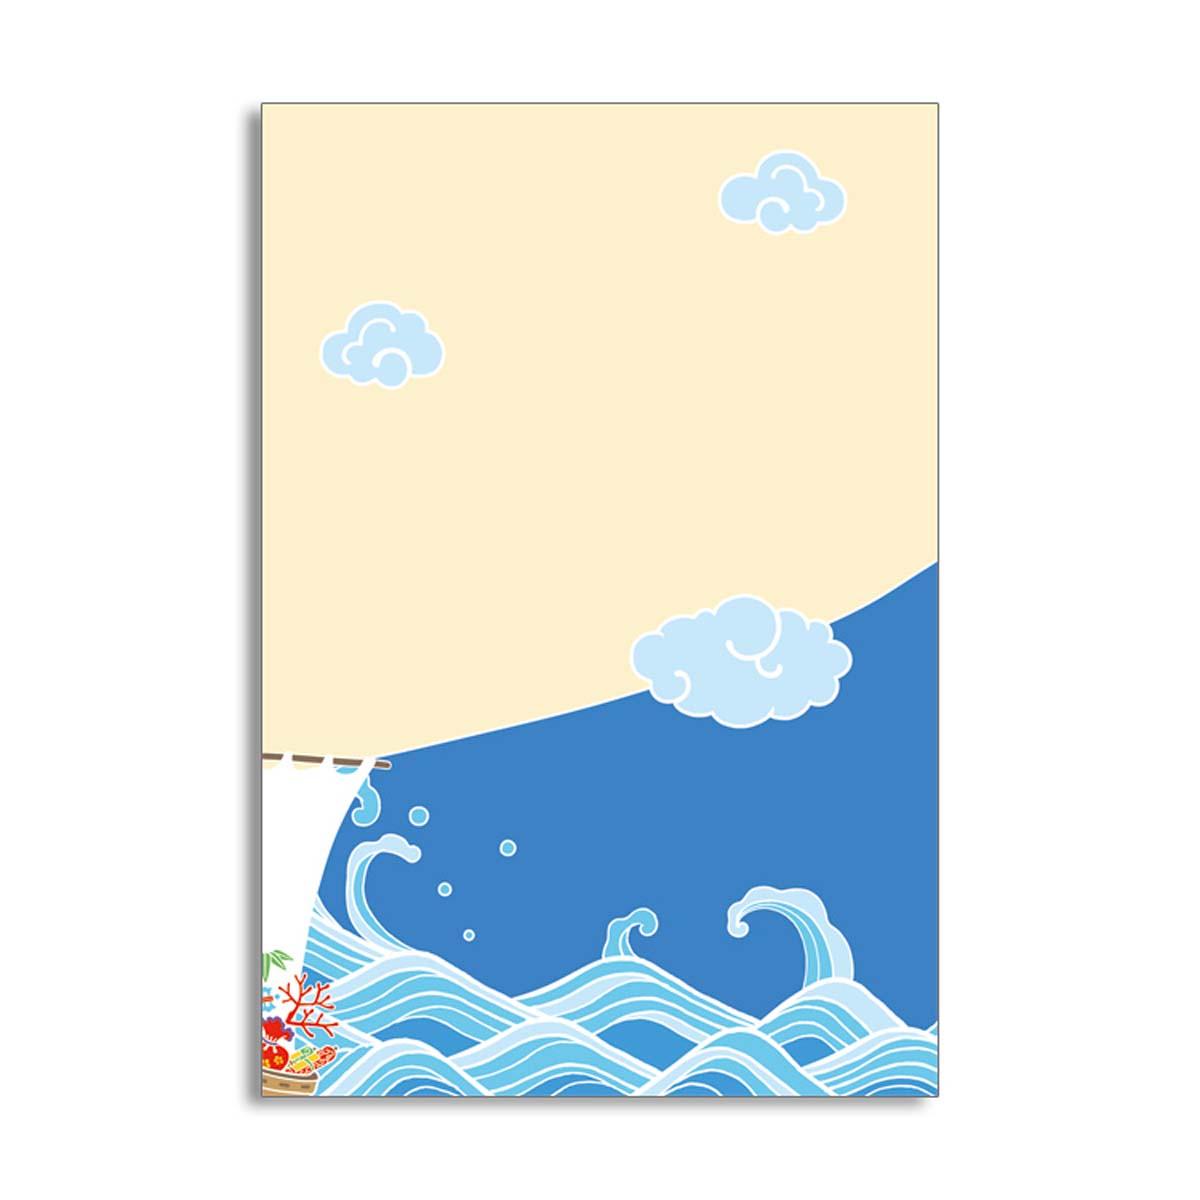 クリアフォトフォルダーカード 富士山と宝船 jxcd-102